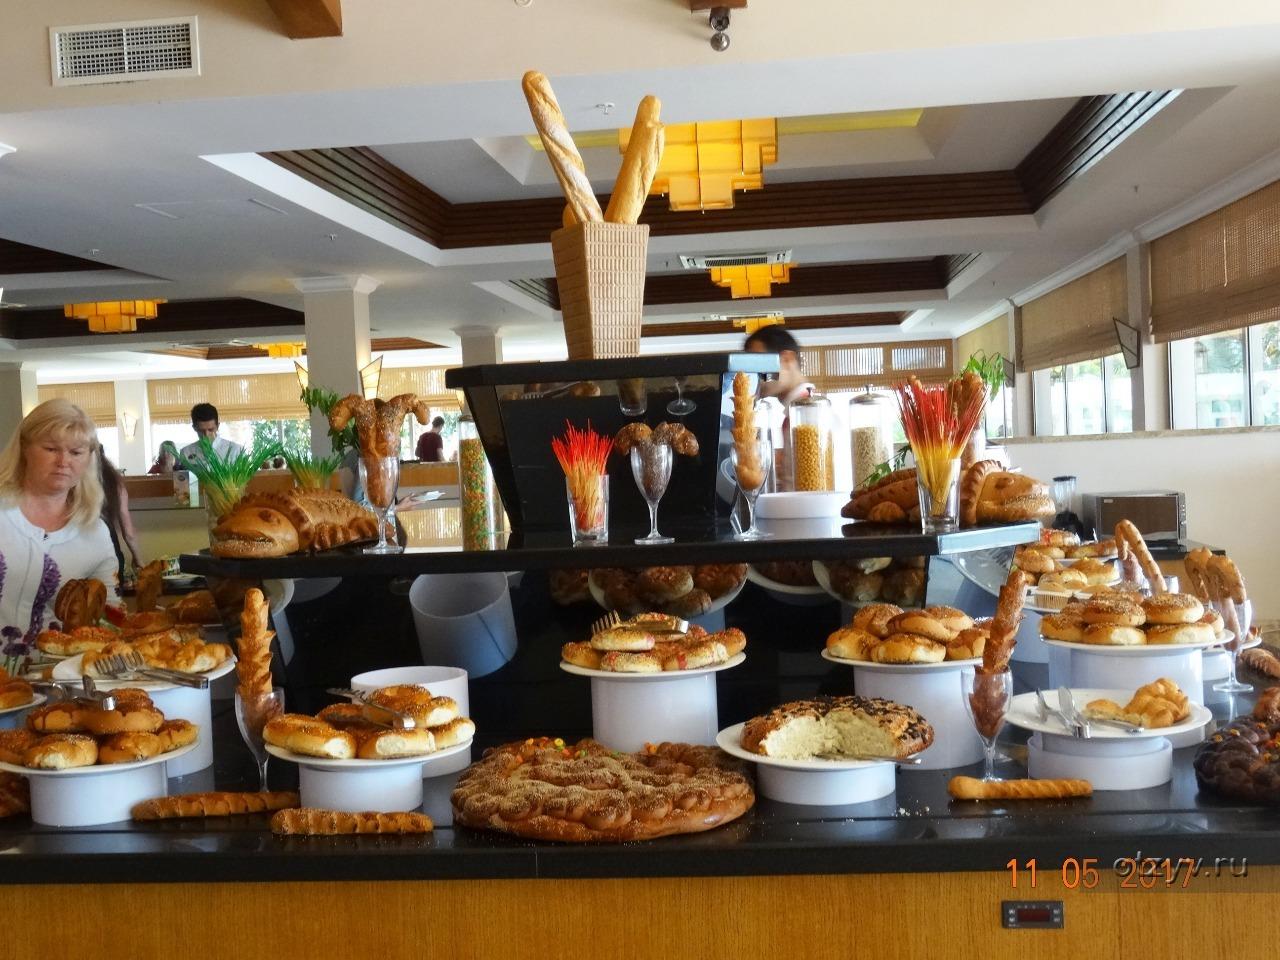 Дубай отель шератон джумейра бич фото описание обрезке